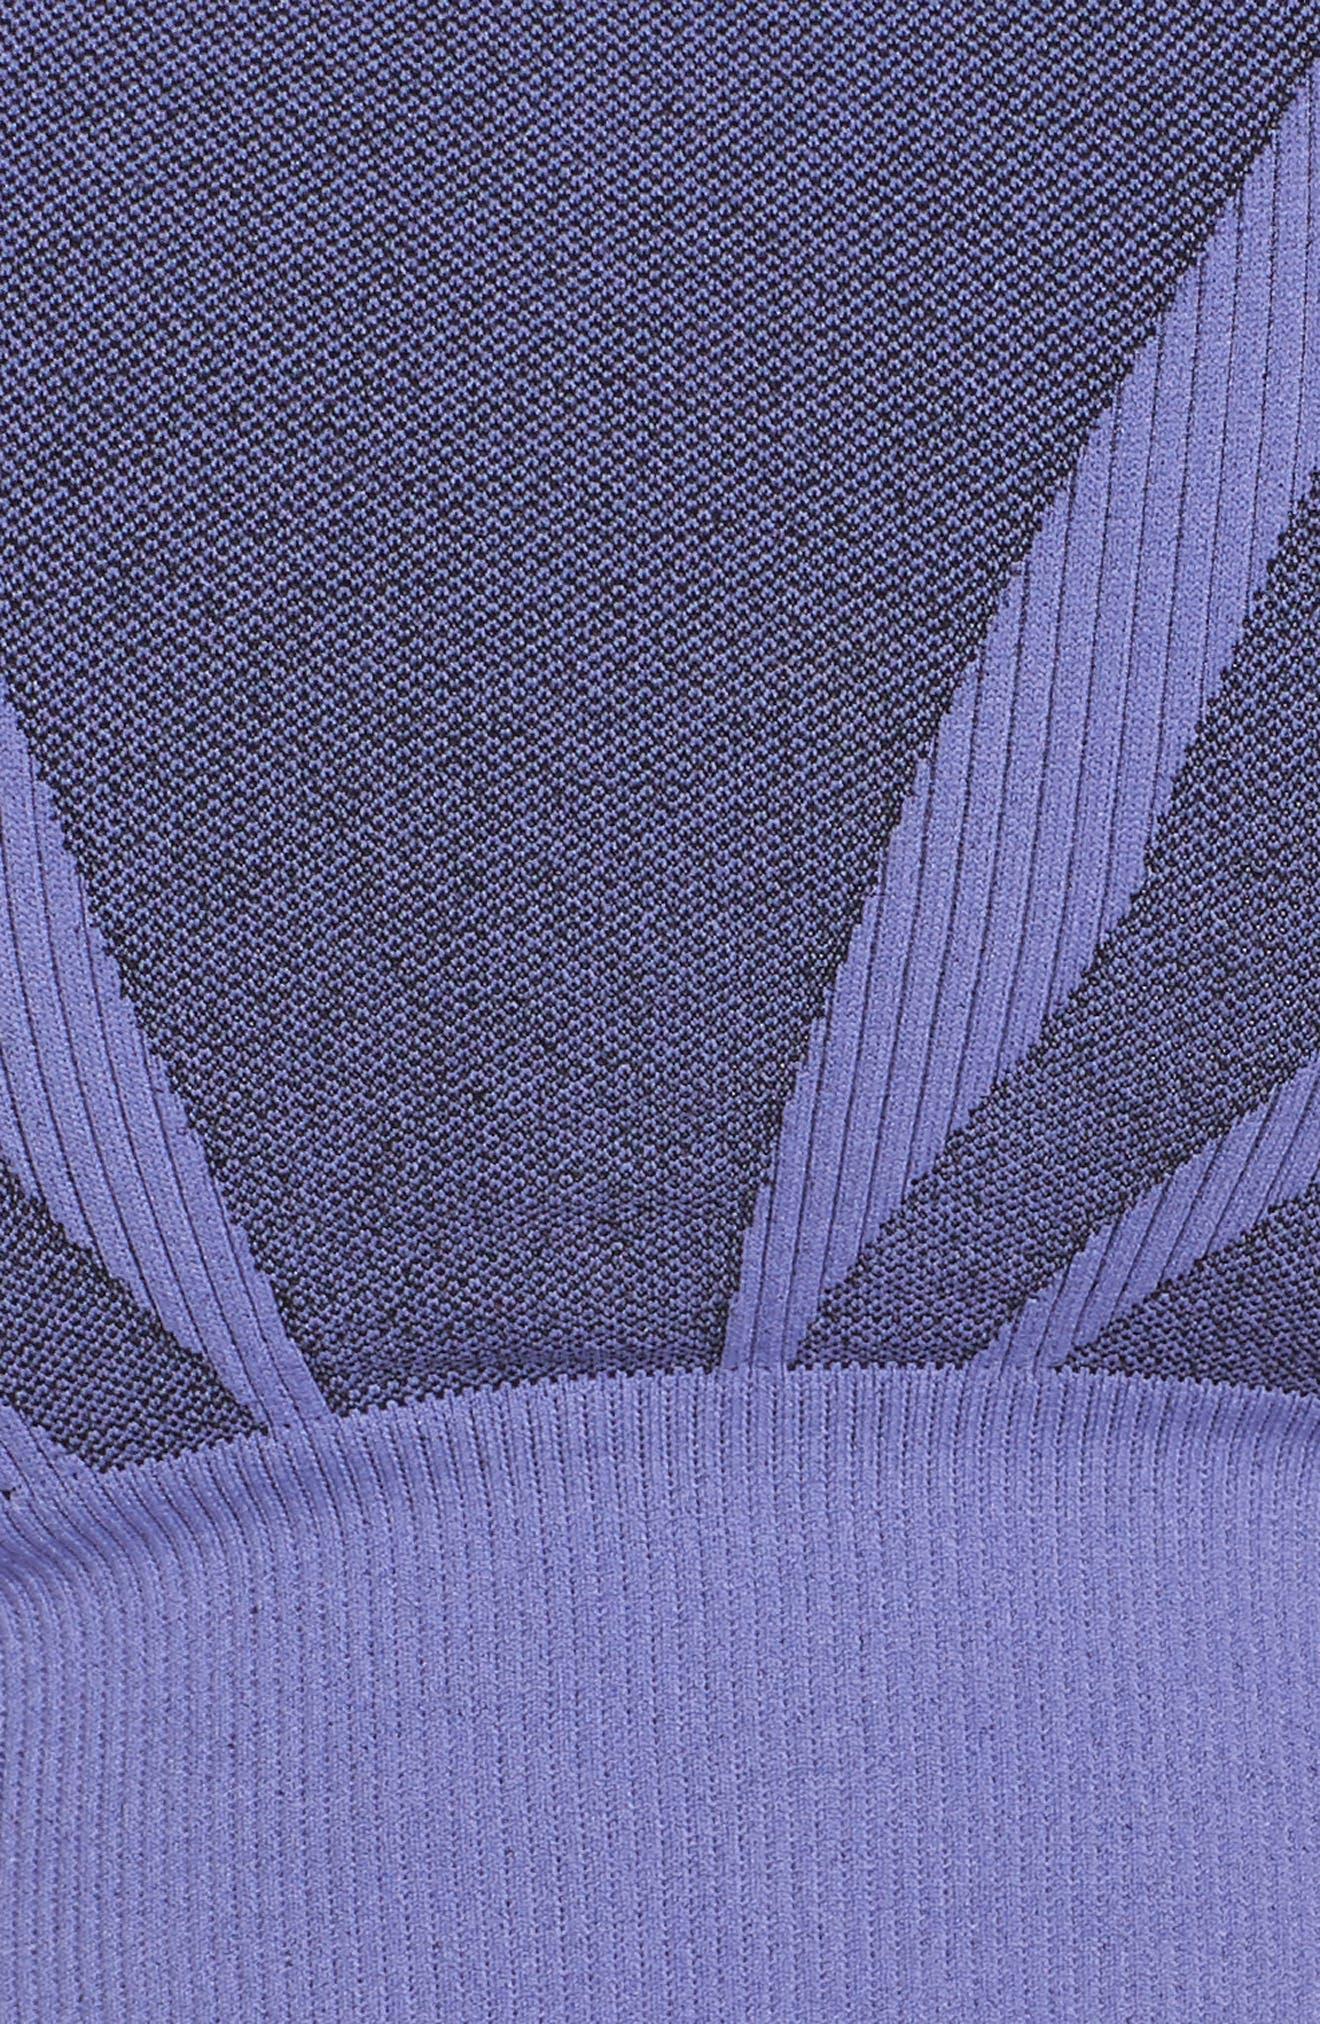 Charge Sports Bra,                             Alternate thumbnail 6, color,                             Purple Peri